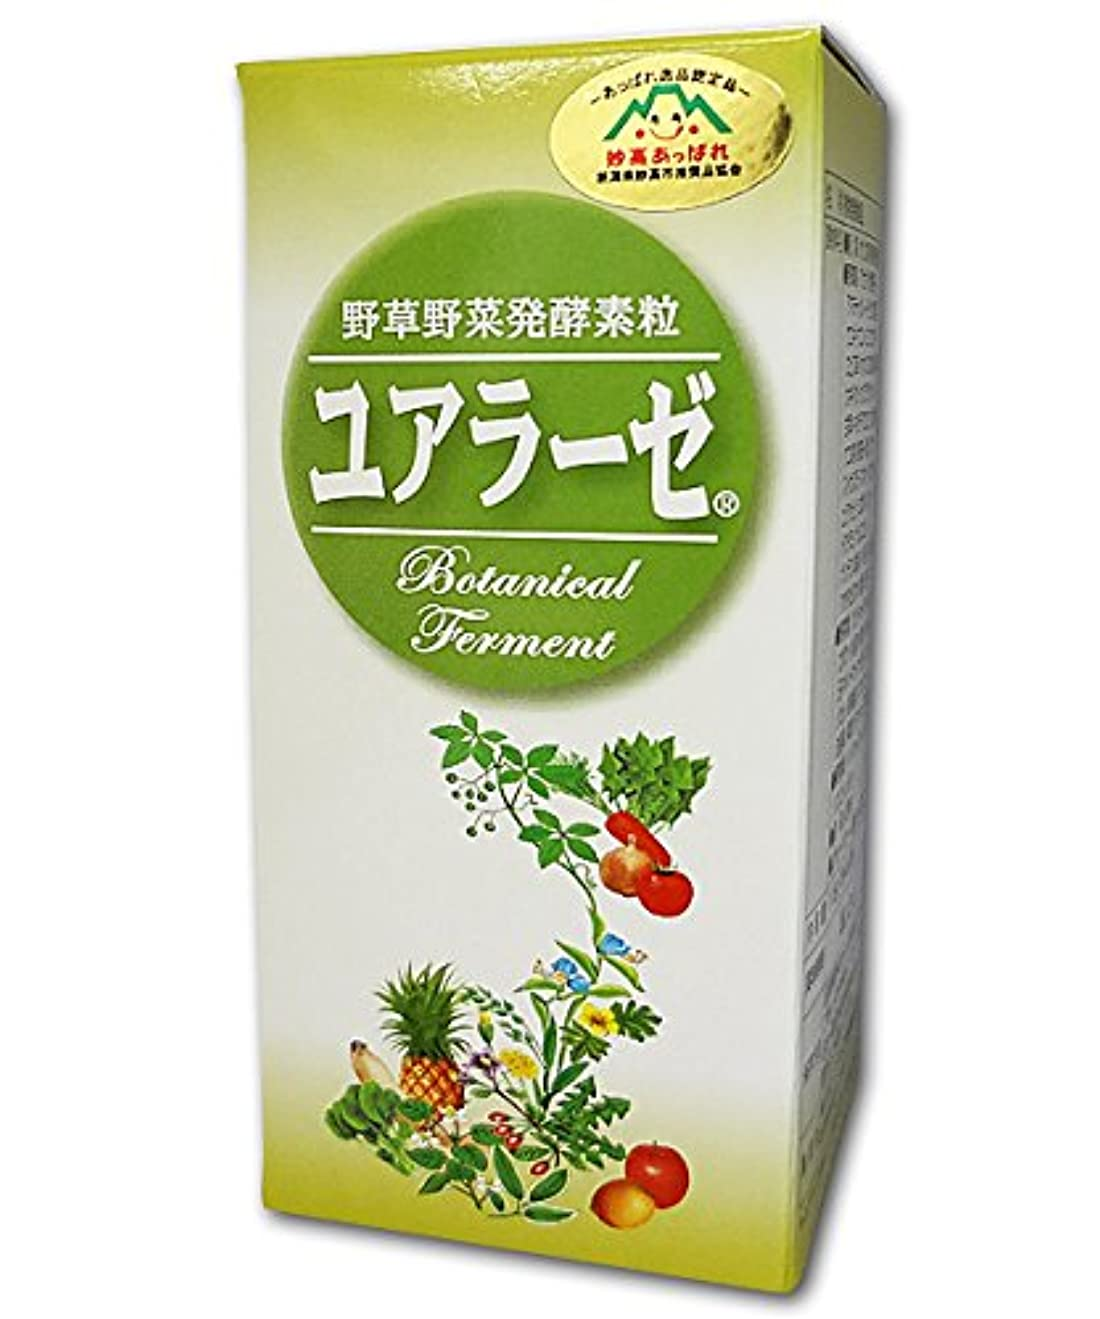 故意の再生的硬化するミヤトウ野草野草醗酵素粒 ユアラーゼ 450粒